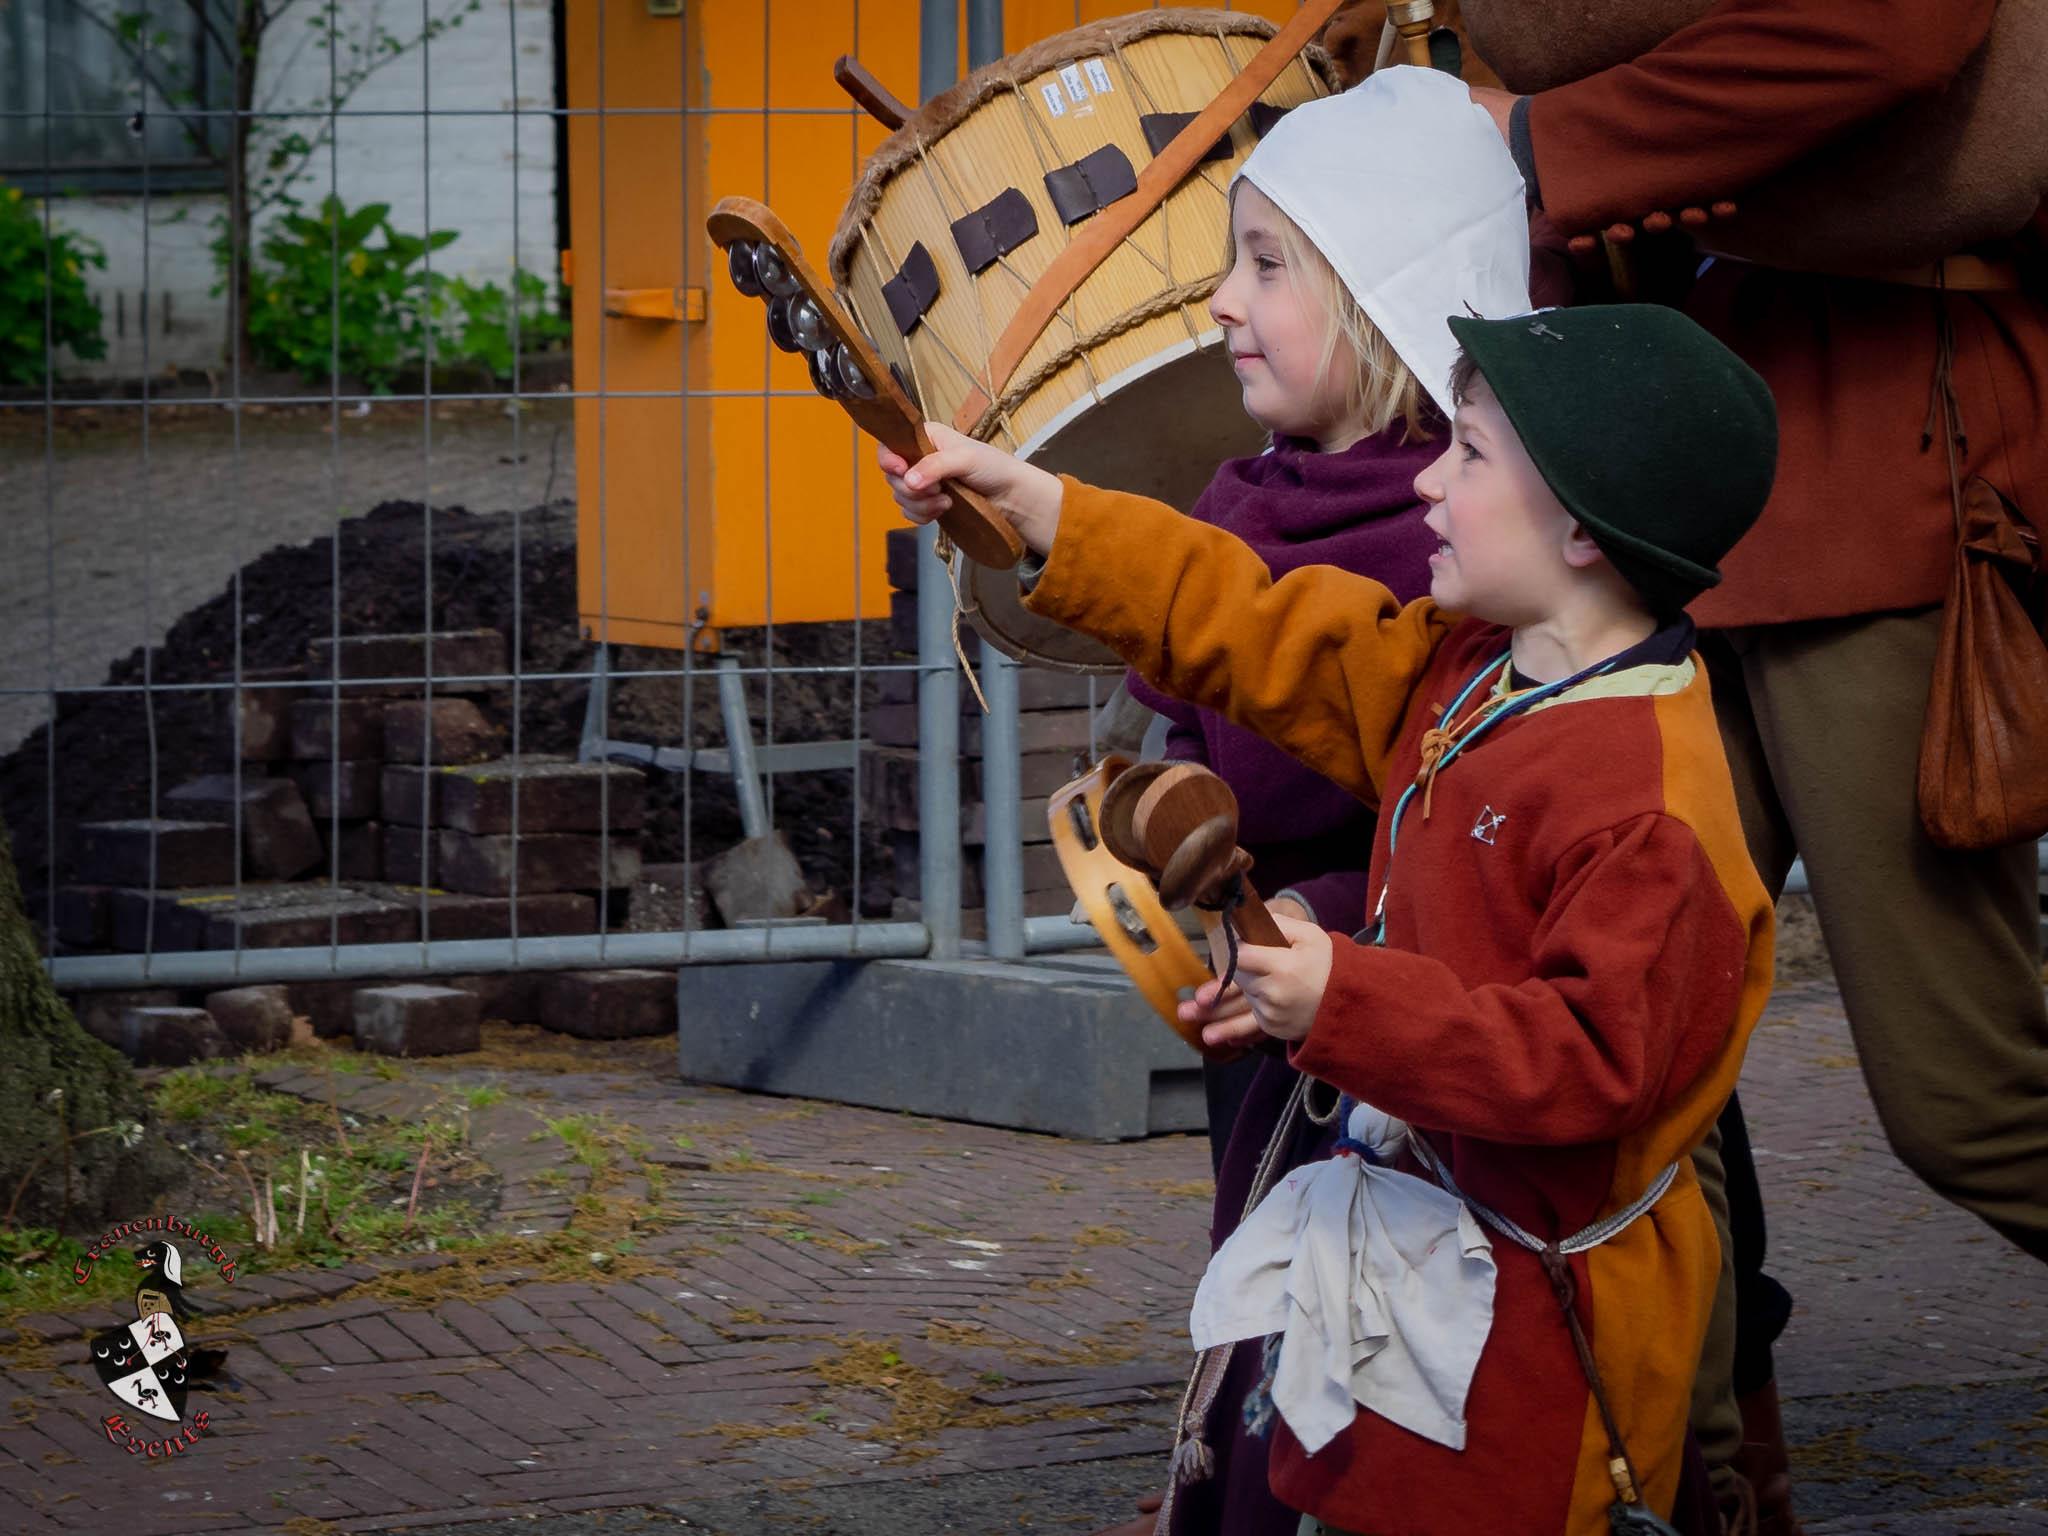 Middeleeuws-Festijn-Cannenburgh-2019-Ellen-la-Faille-5